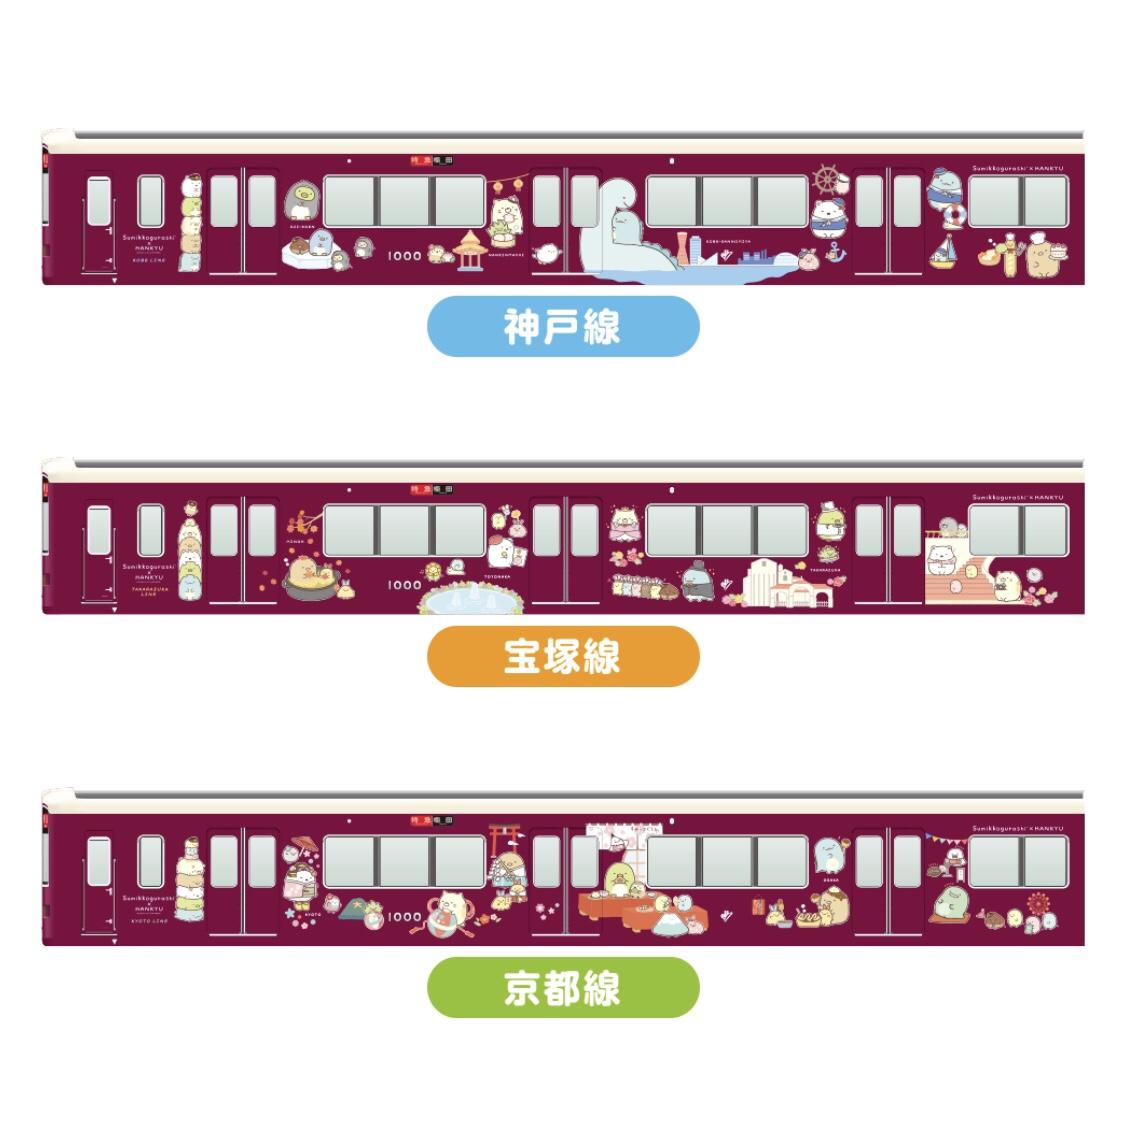 すみっコぐらし×阪急電車